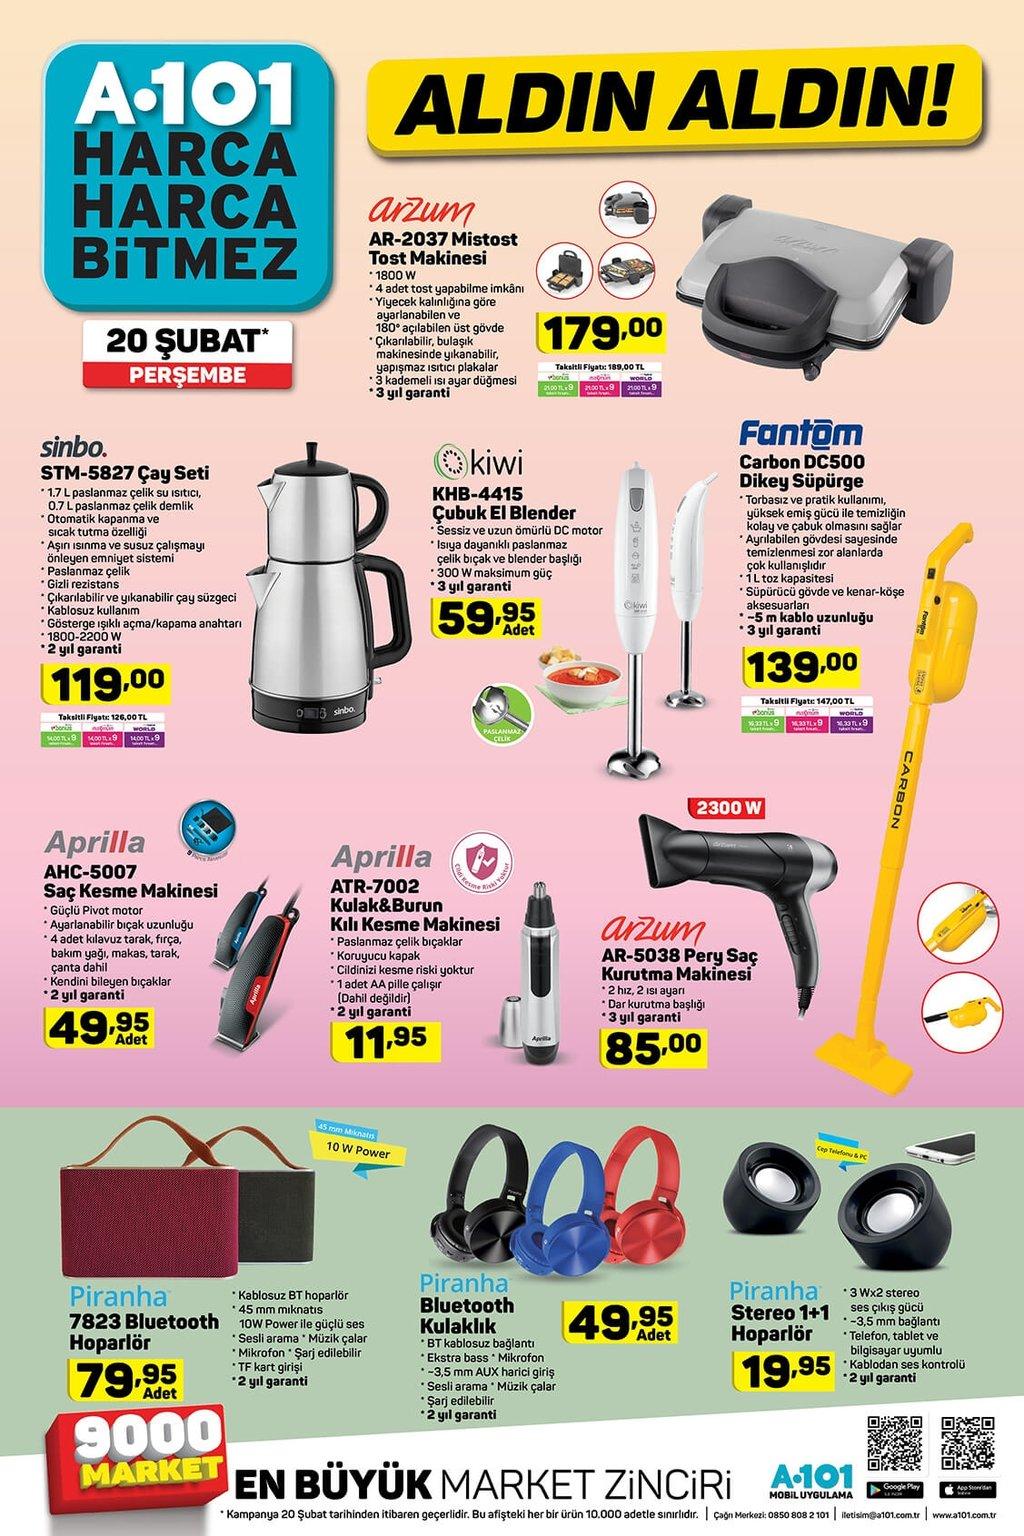 A101 aktüel ürünler kataloğu 20 Şubat Perşembe